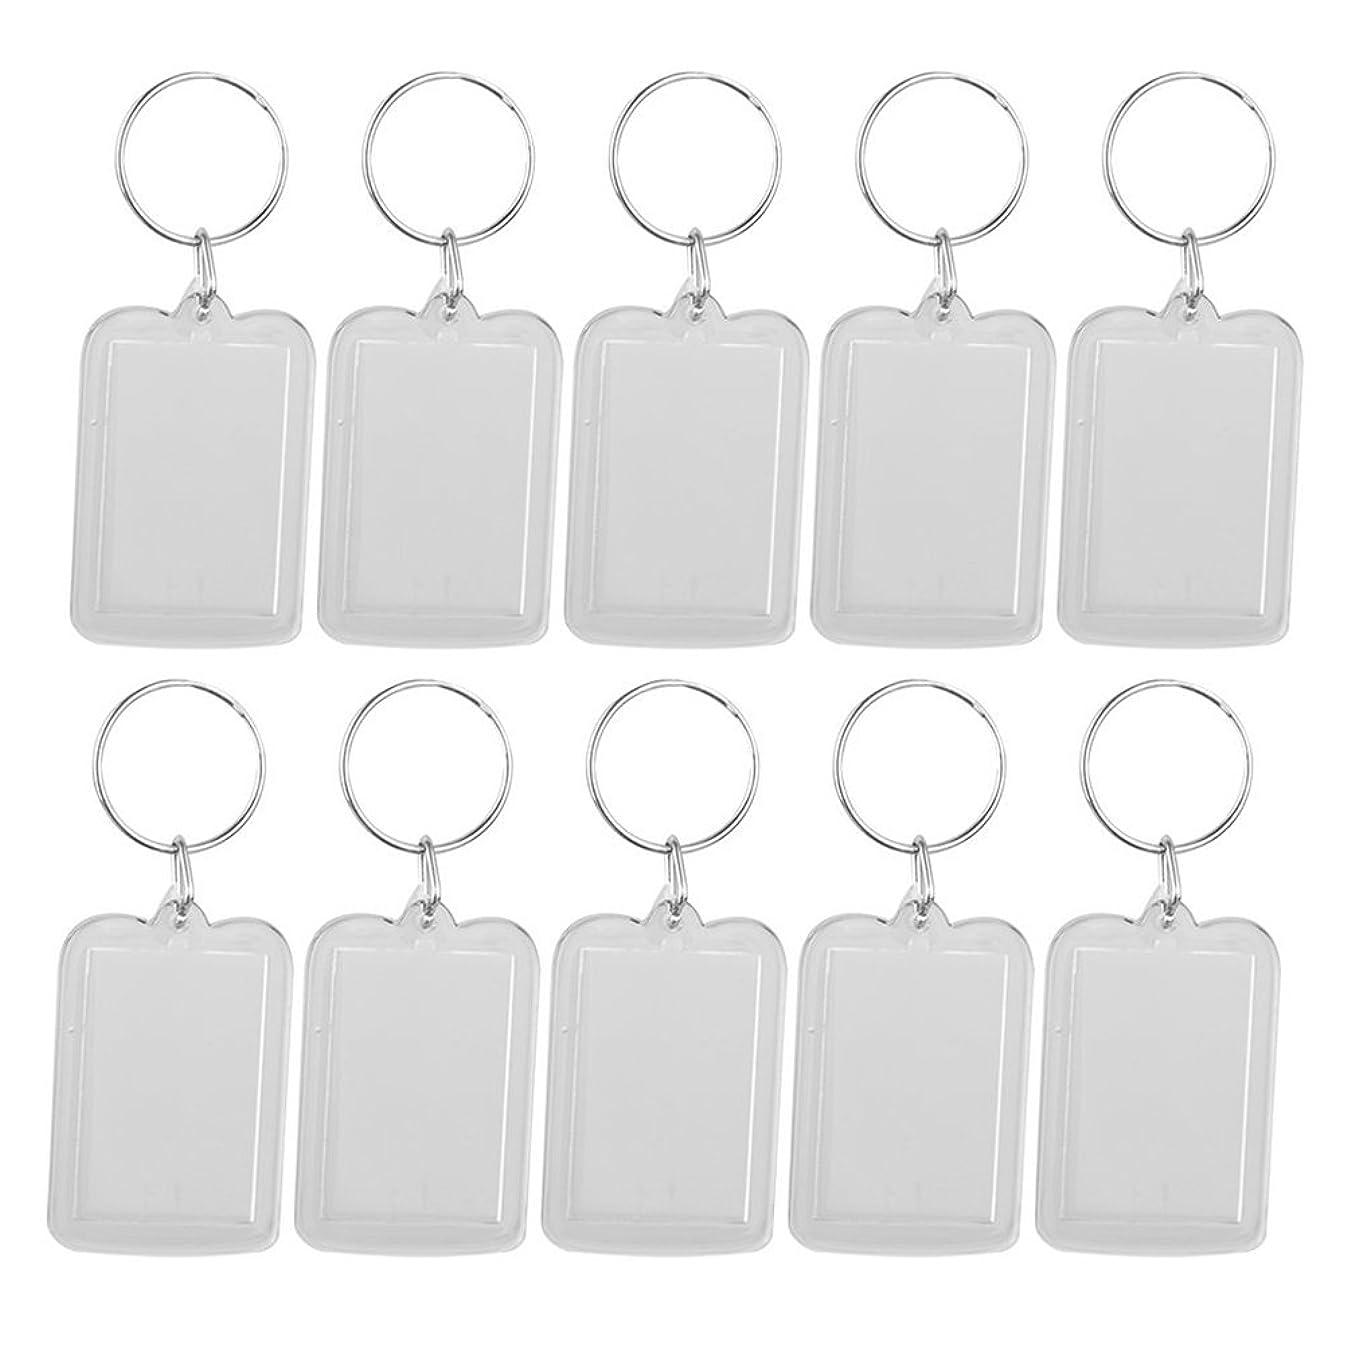 OULII Blank Photo Keychain Keyring Rectangle 5x3.3cm 10pcs